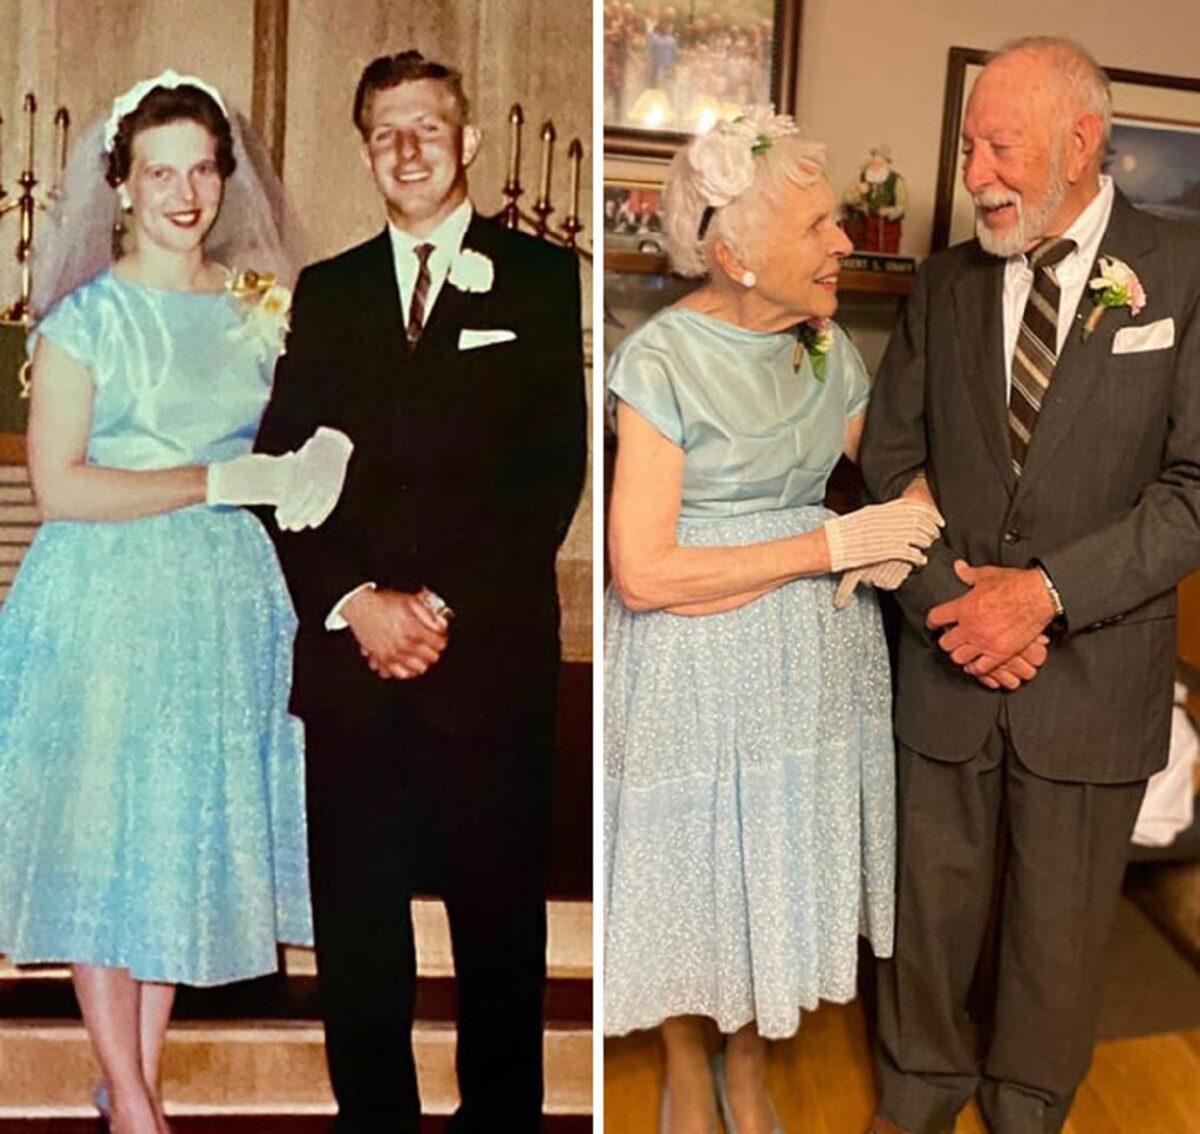 Fotos de familia recriadas de forma identica 10